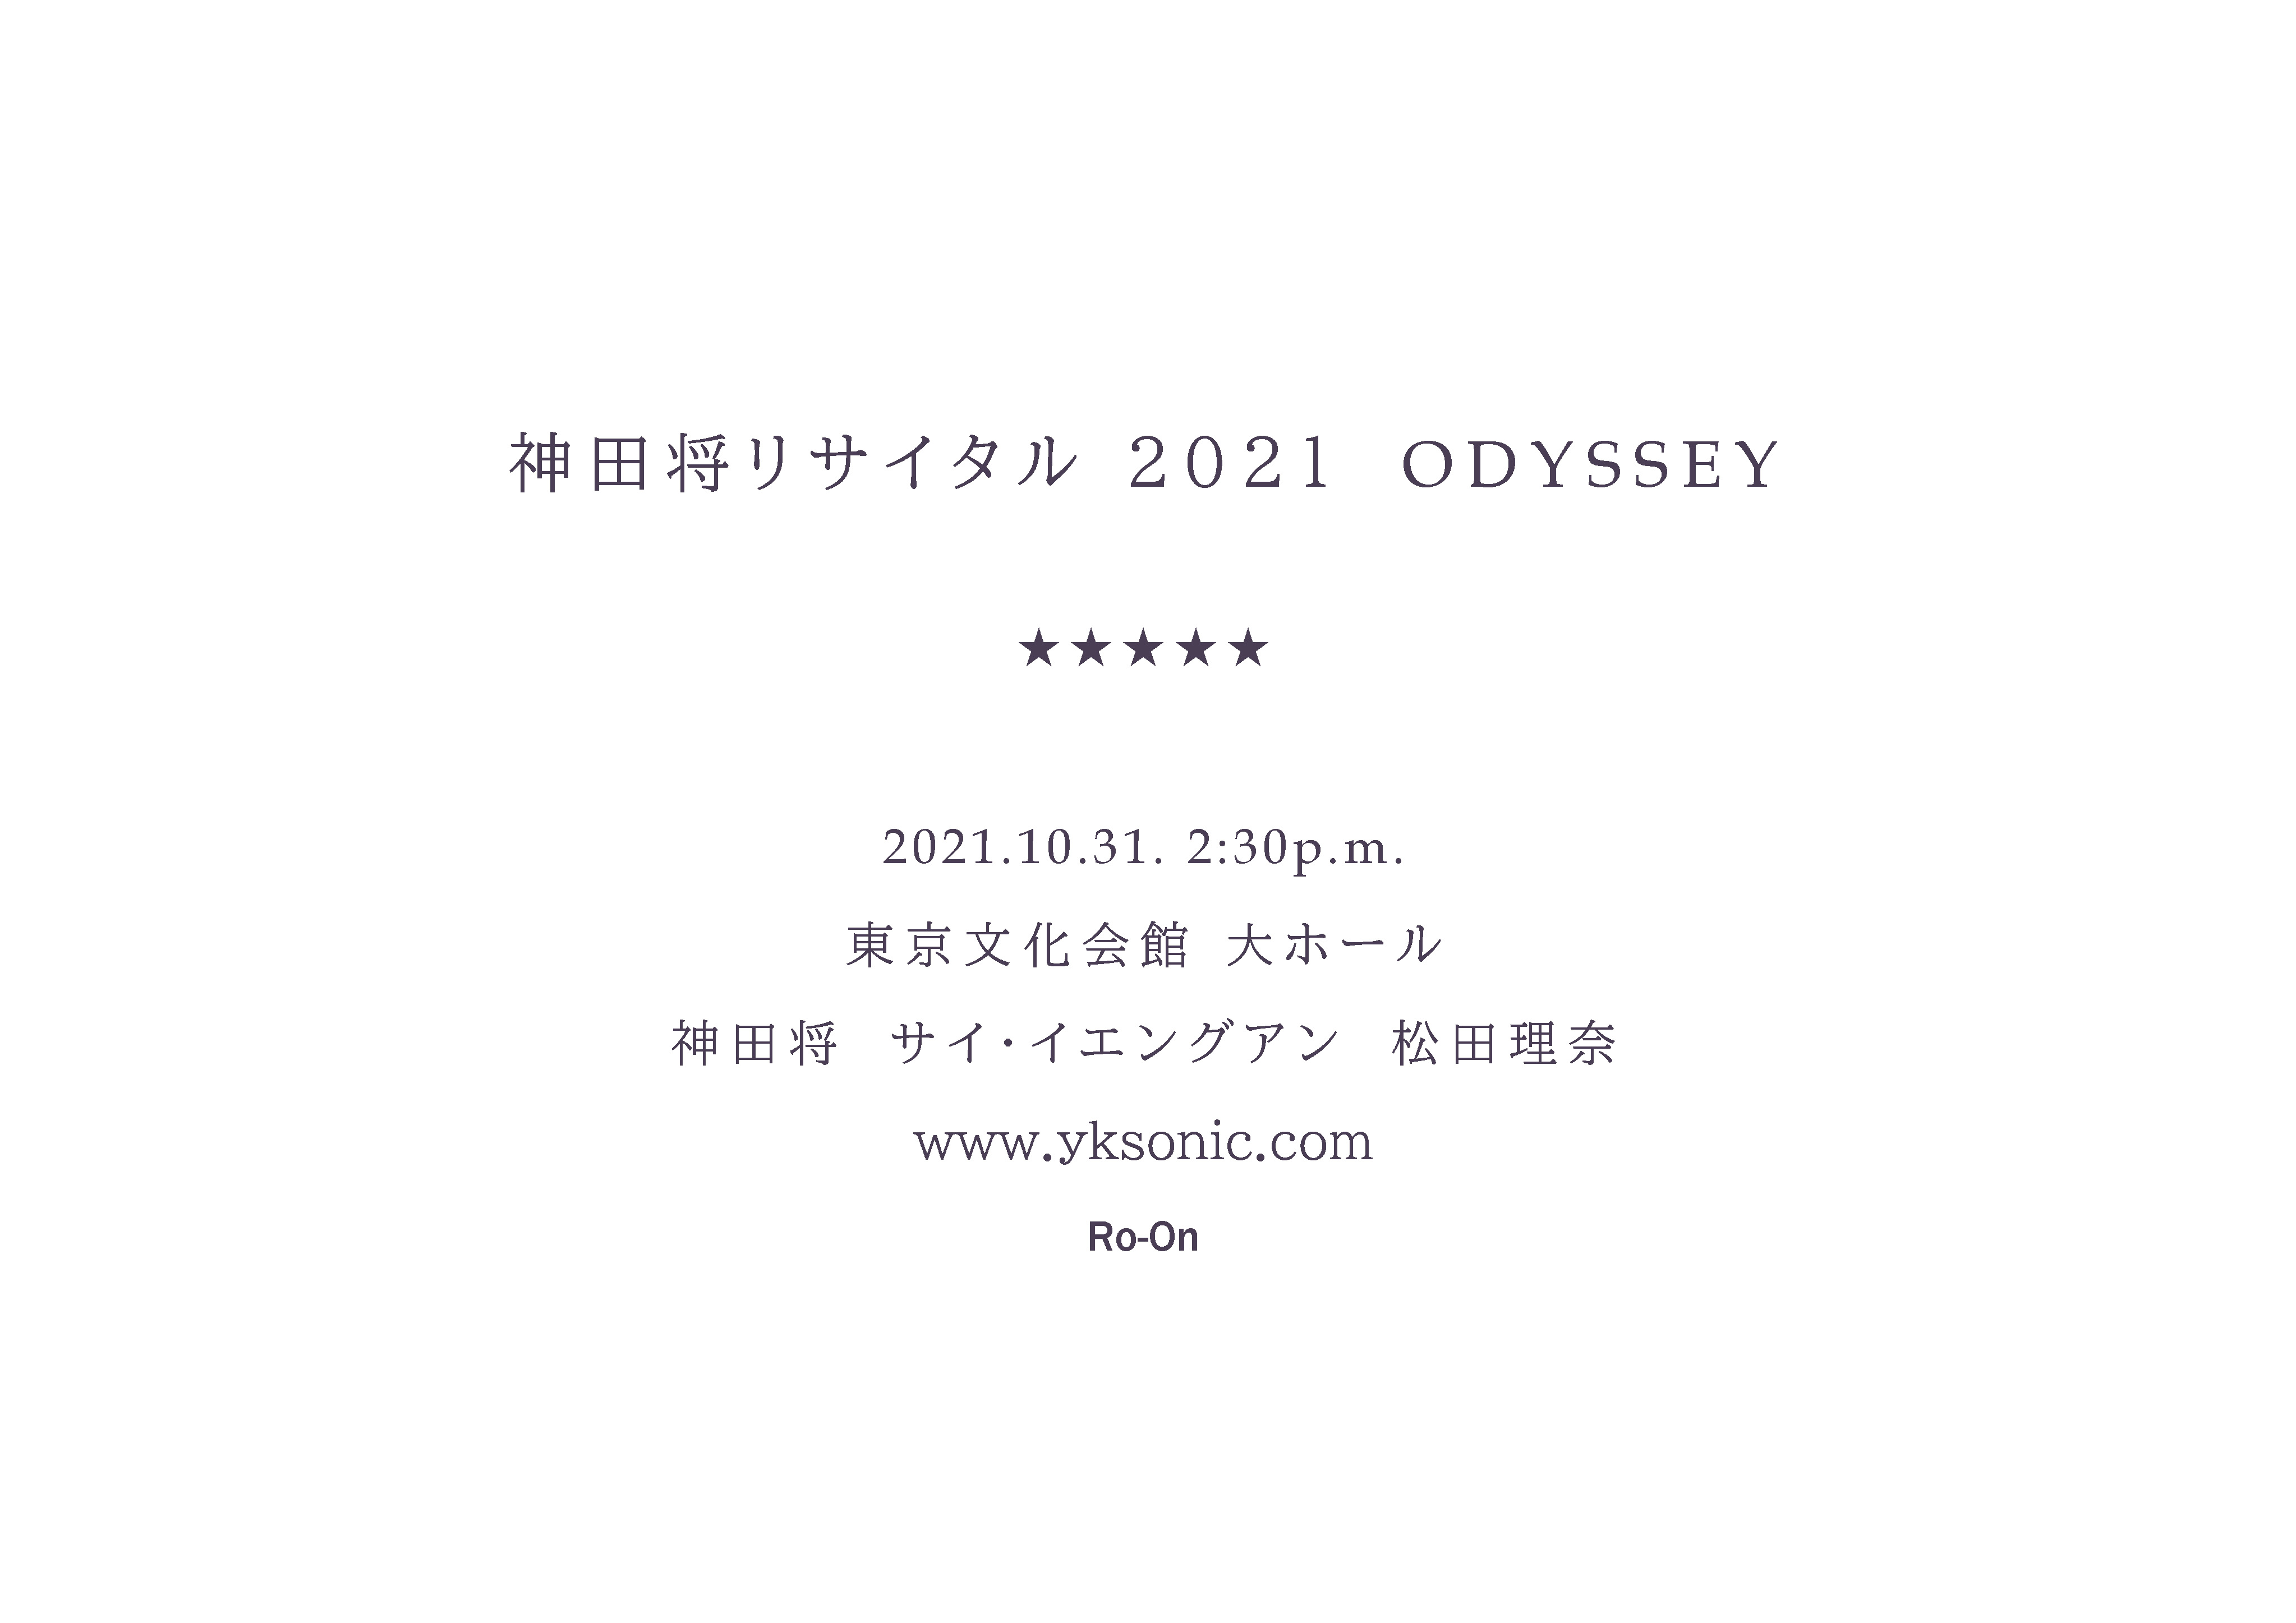 神田将リサイタルODYSSEY延期公演のお知らせ